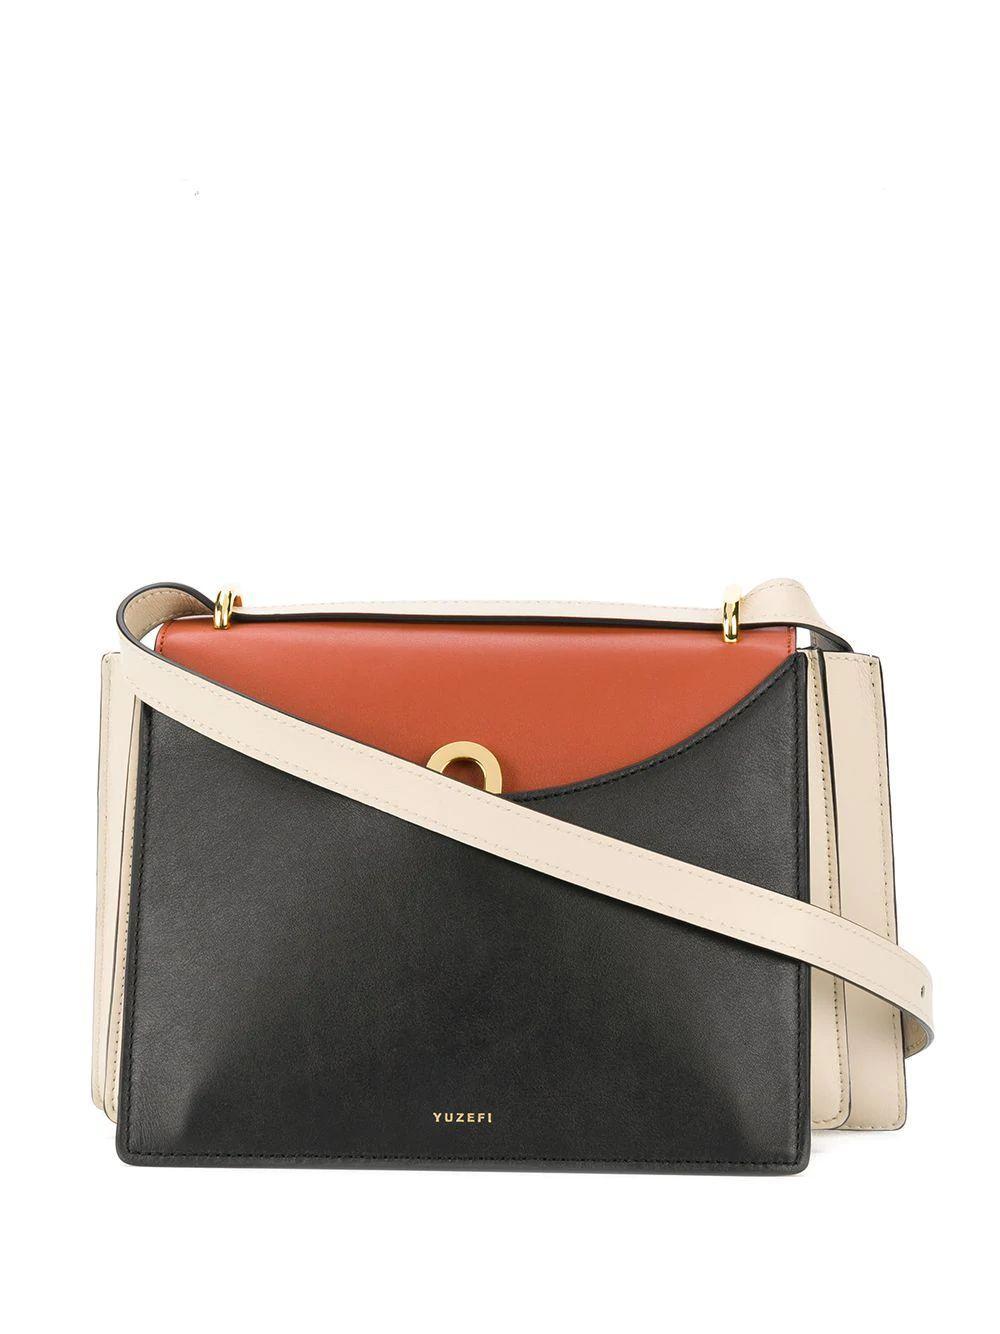 Eloise Shoulder Bag Item # YUZRS20-EL-04